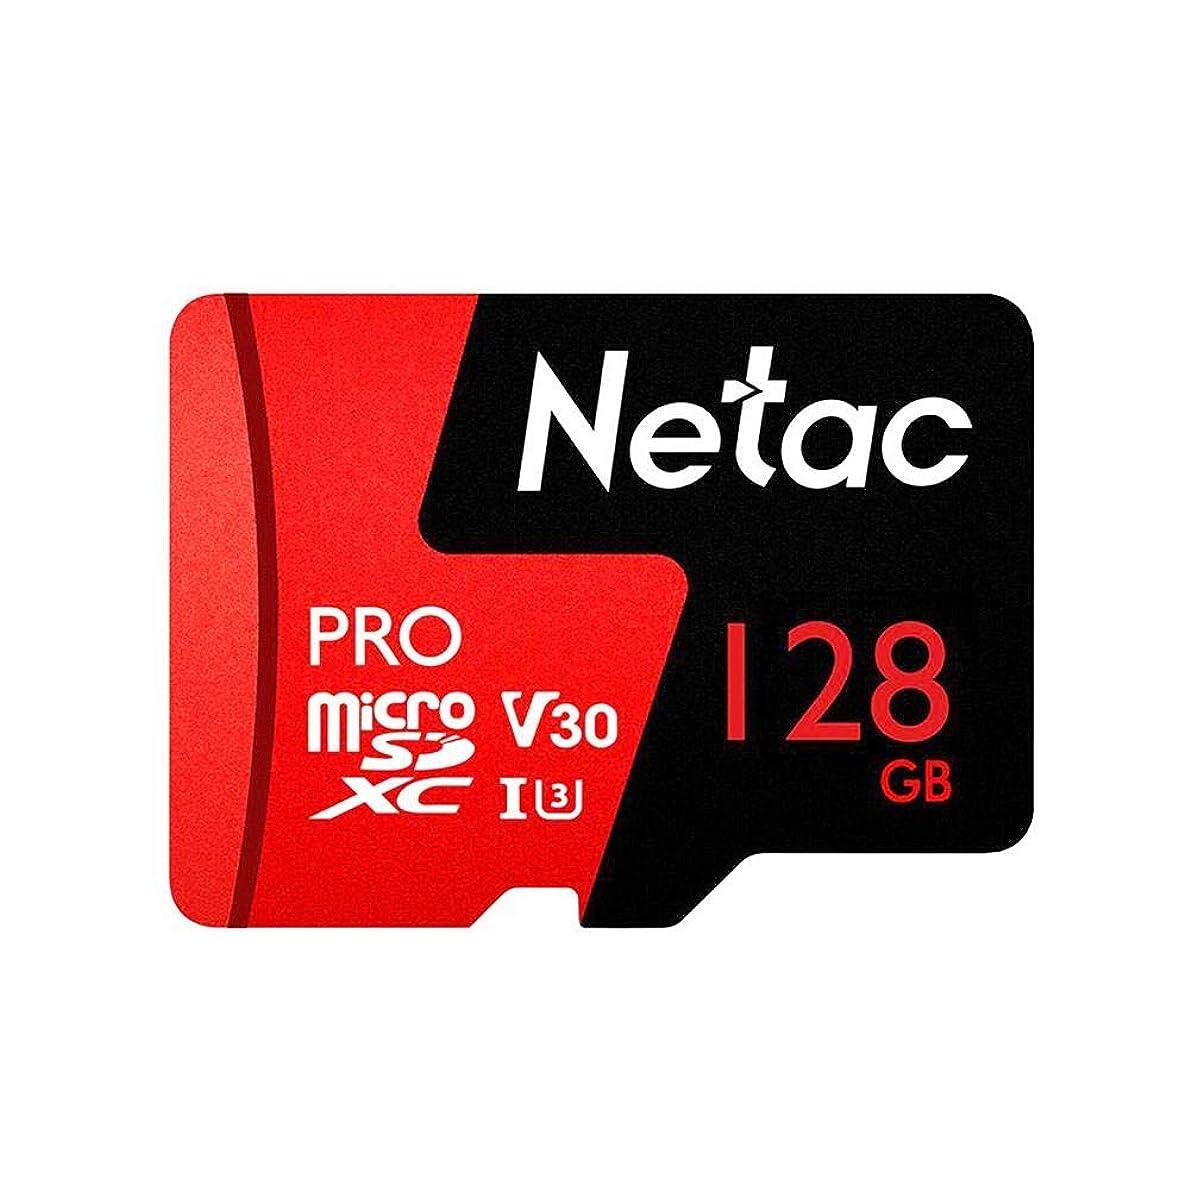 教義ポータルノベルティSeawang Netac microSD(TF)XCカード 128GB ビデオ監視メモリカード 高耐久性 サポート4Kカメラ ドライビングレコーダー ホーム監視カメラ メモリカード(認証済み)